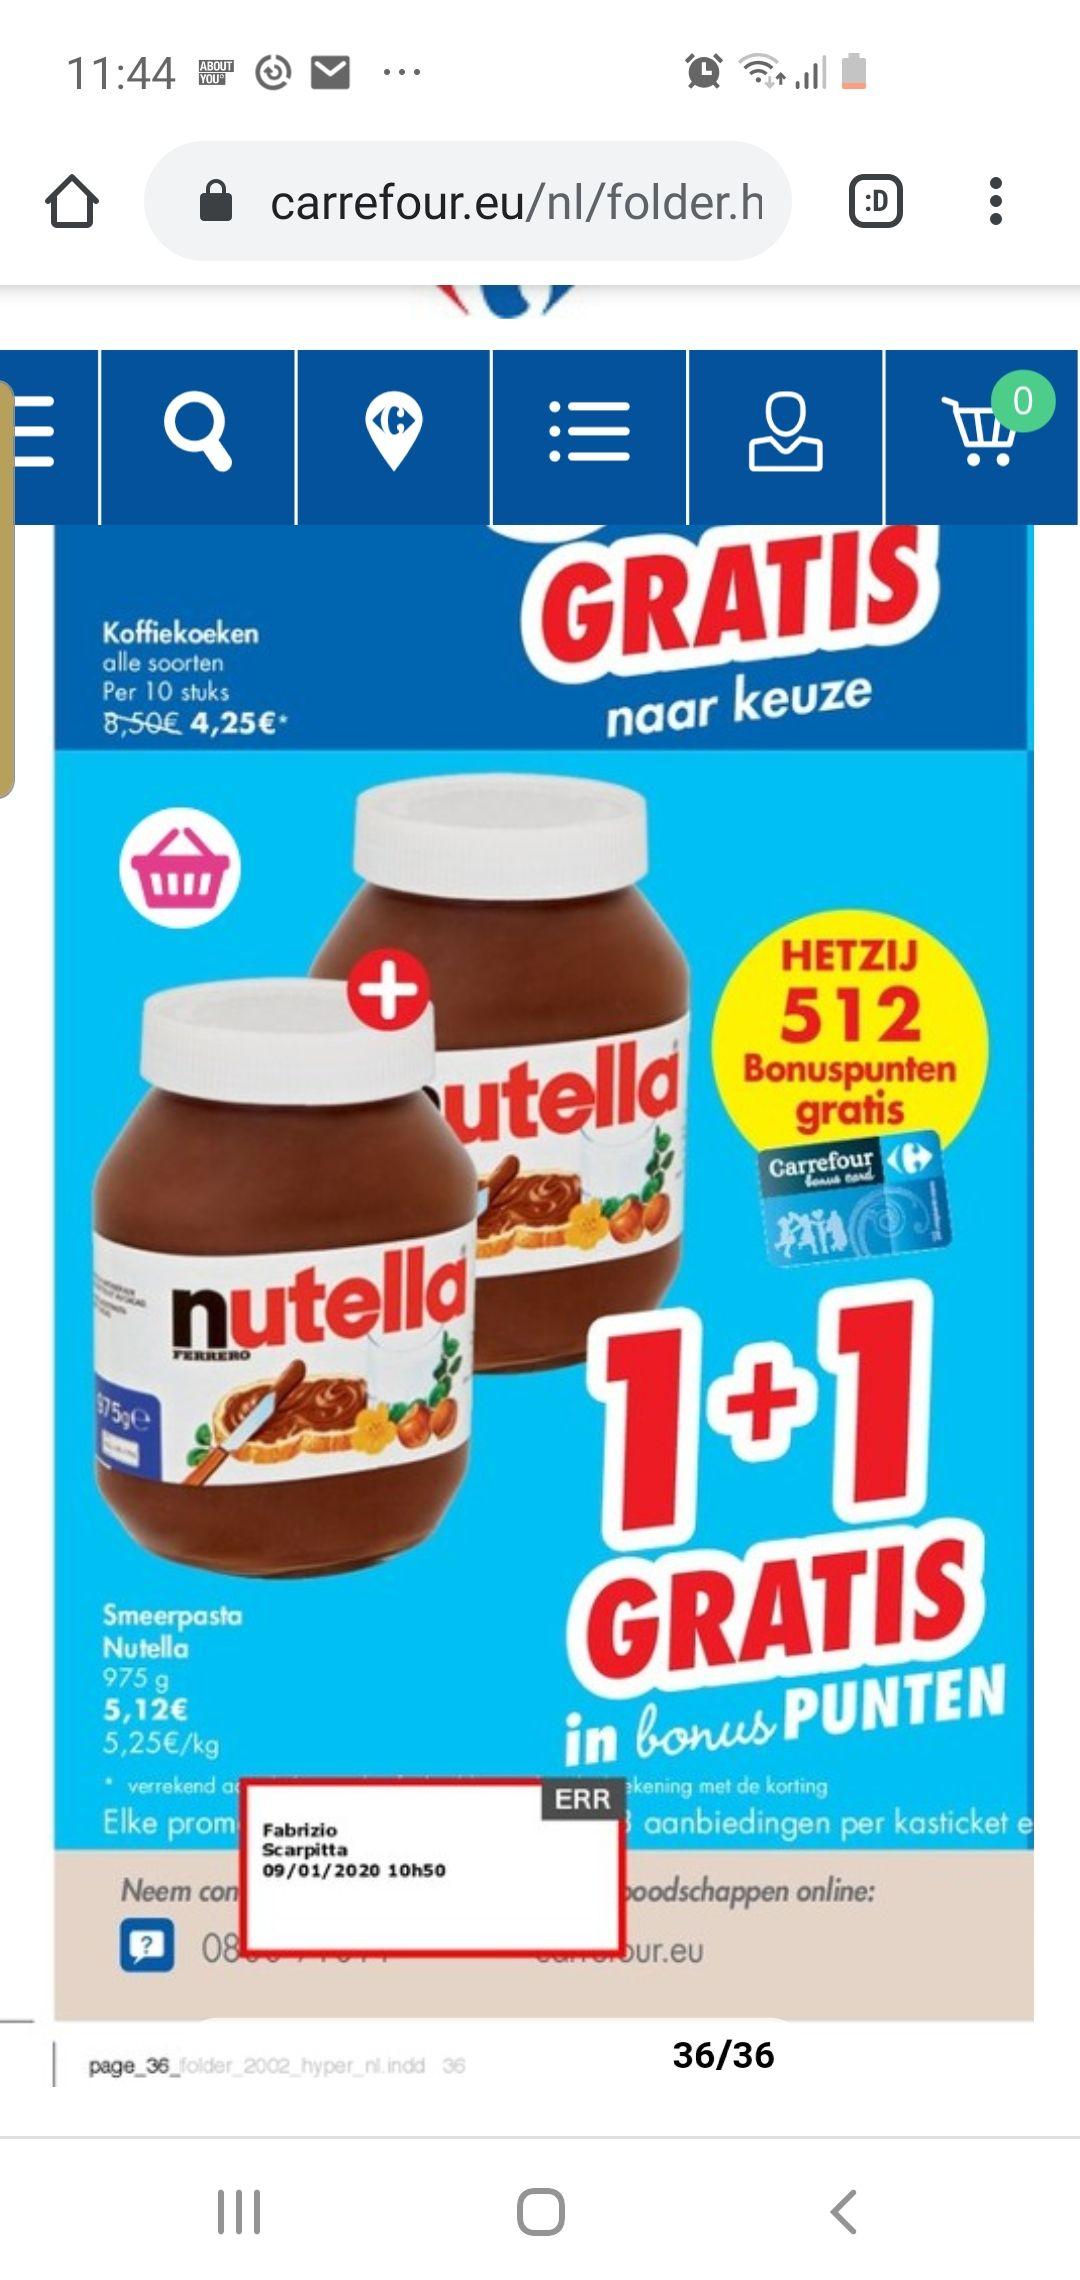 1+1 gratis pot nutella krijg volledig aankoop bedrag terug in punten waarmee je boodschappen kunt doen